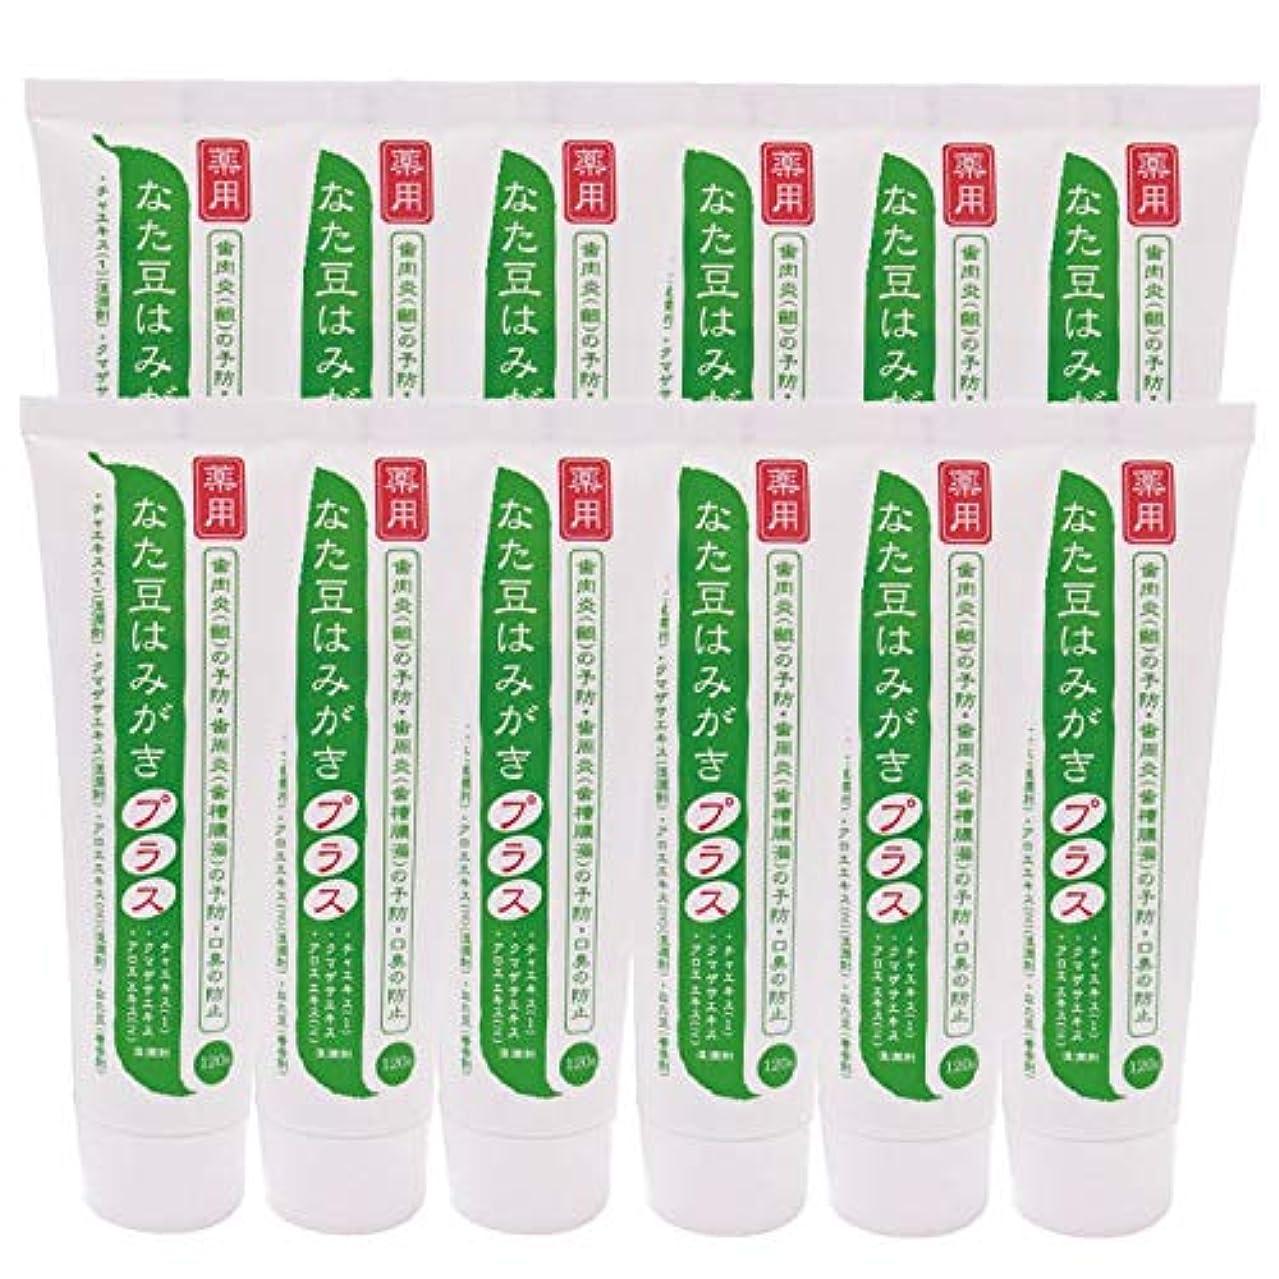 透ける実験をする訴える薬用 なた豆はみがきプラス 120g(12本セット)